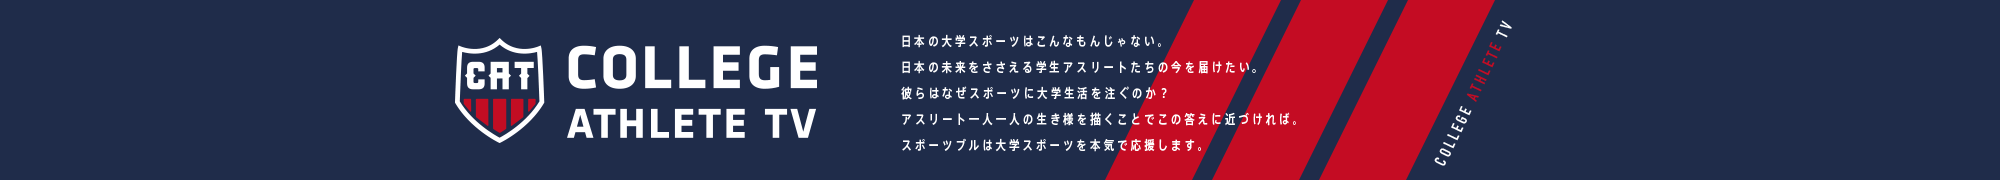 関東大学リーグ戦(リーグ戦)で優勝してから約4カ月。新チームに代わり、初公式戦として東京都トーナメント学生系の部(天皇杯予選)で青学大に挑んだ。リーグ戦王者は「謙虚に」チャレンジす…